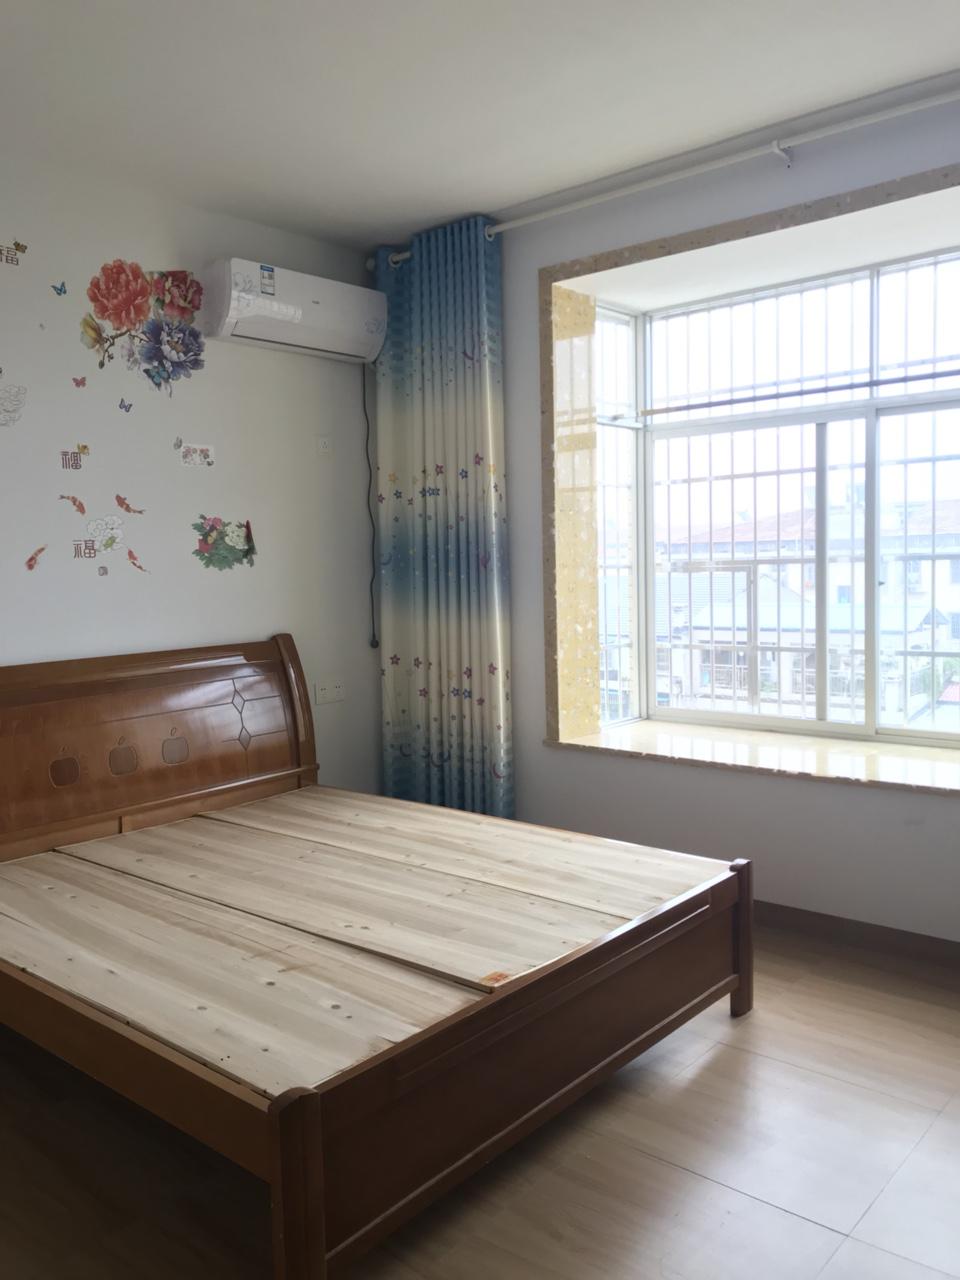 2室1大厅新房新装修配套齐全